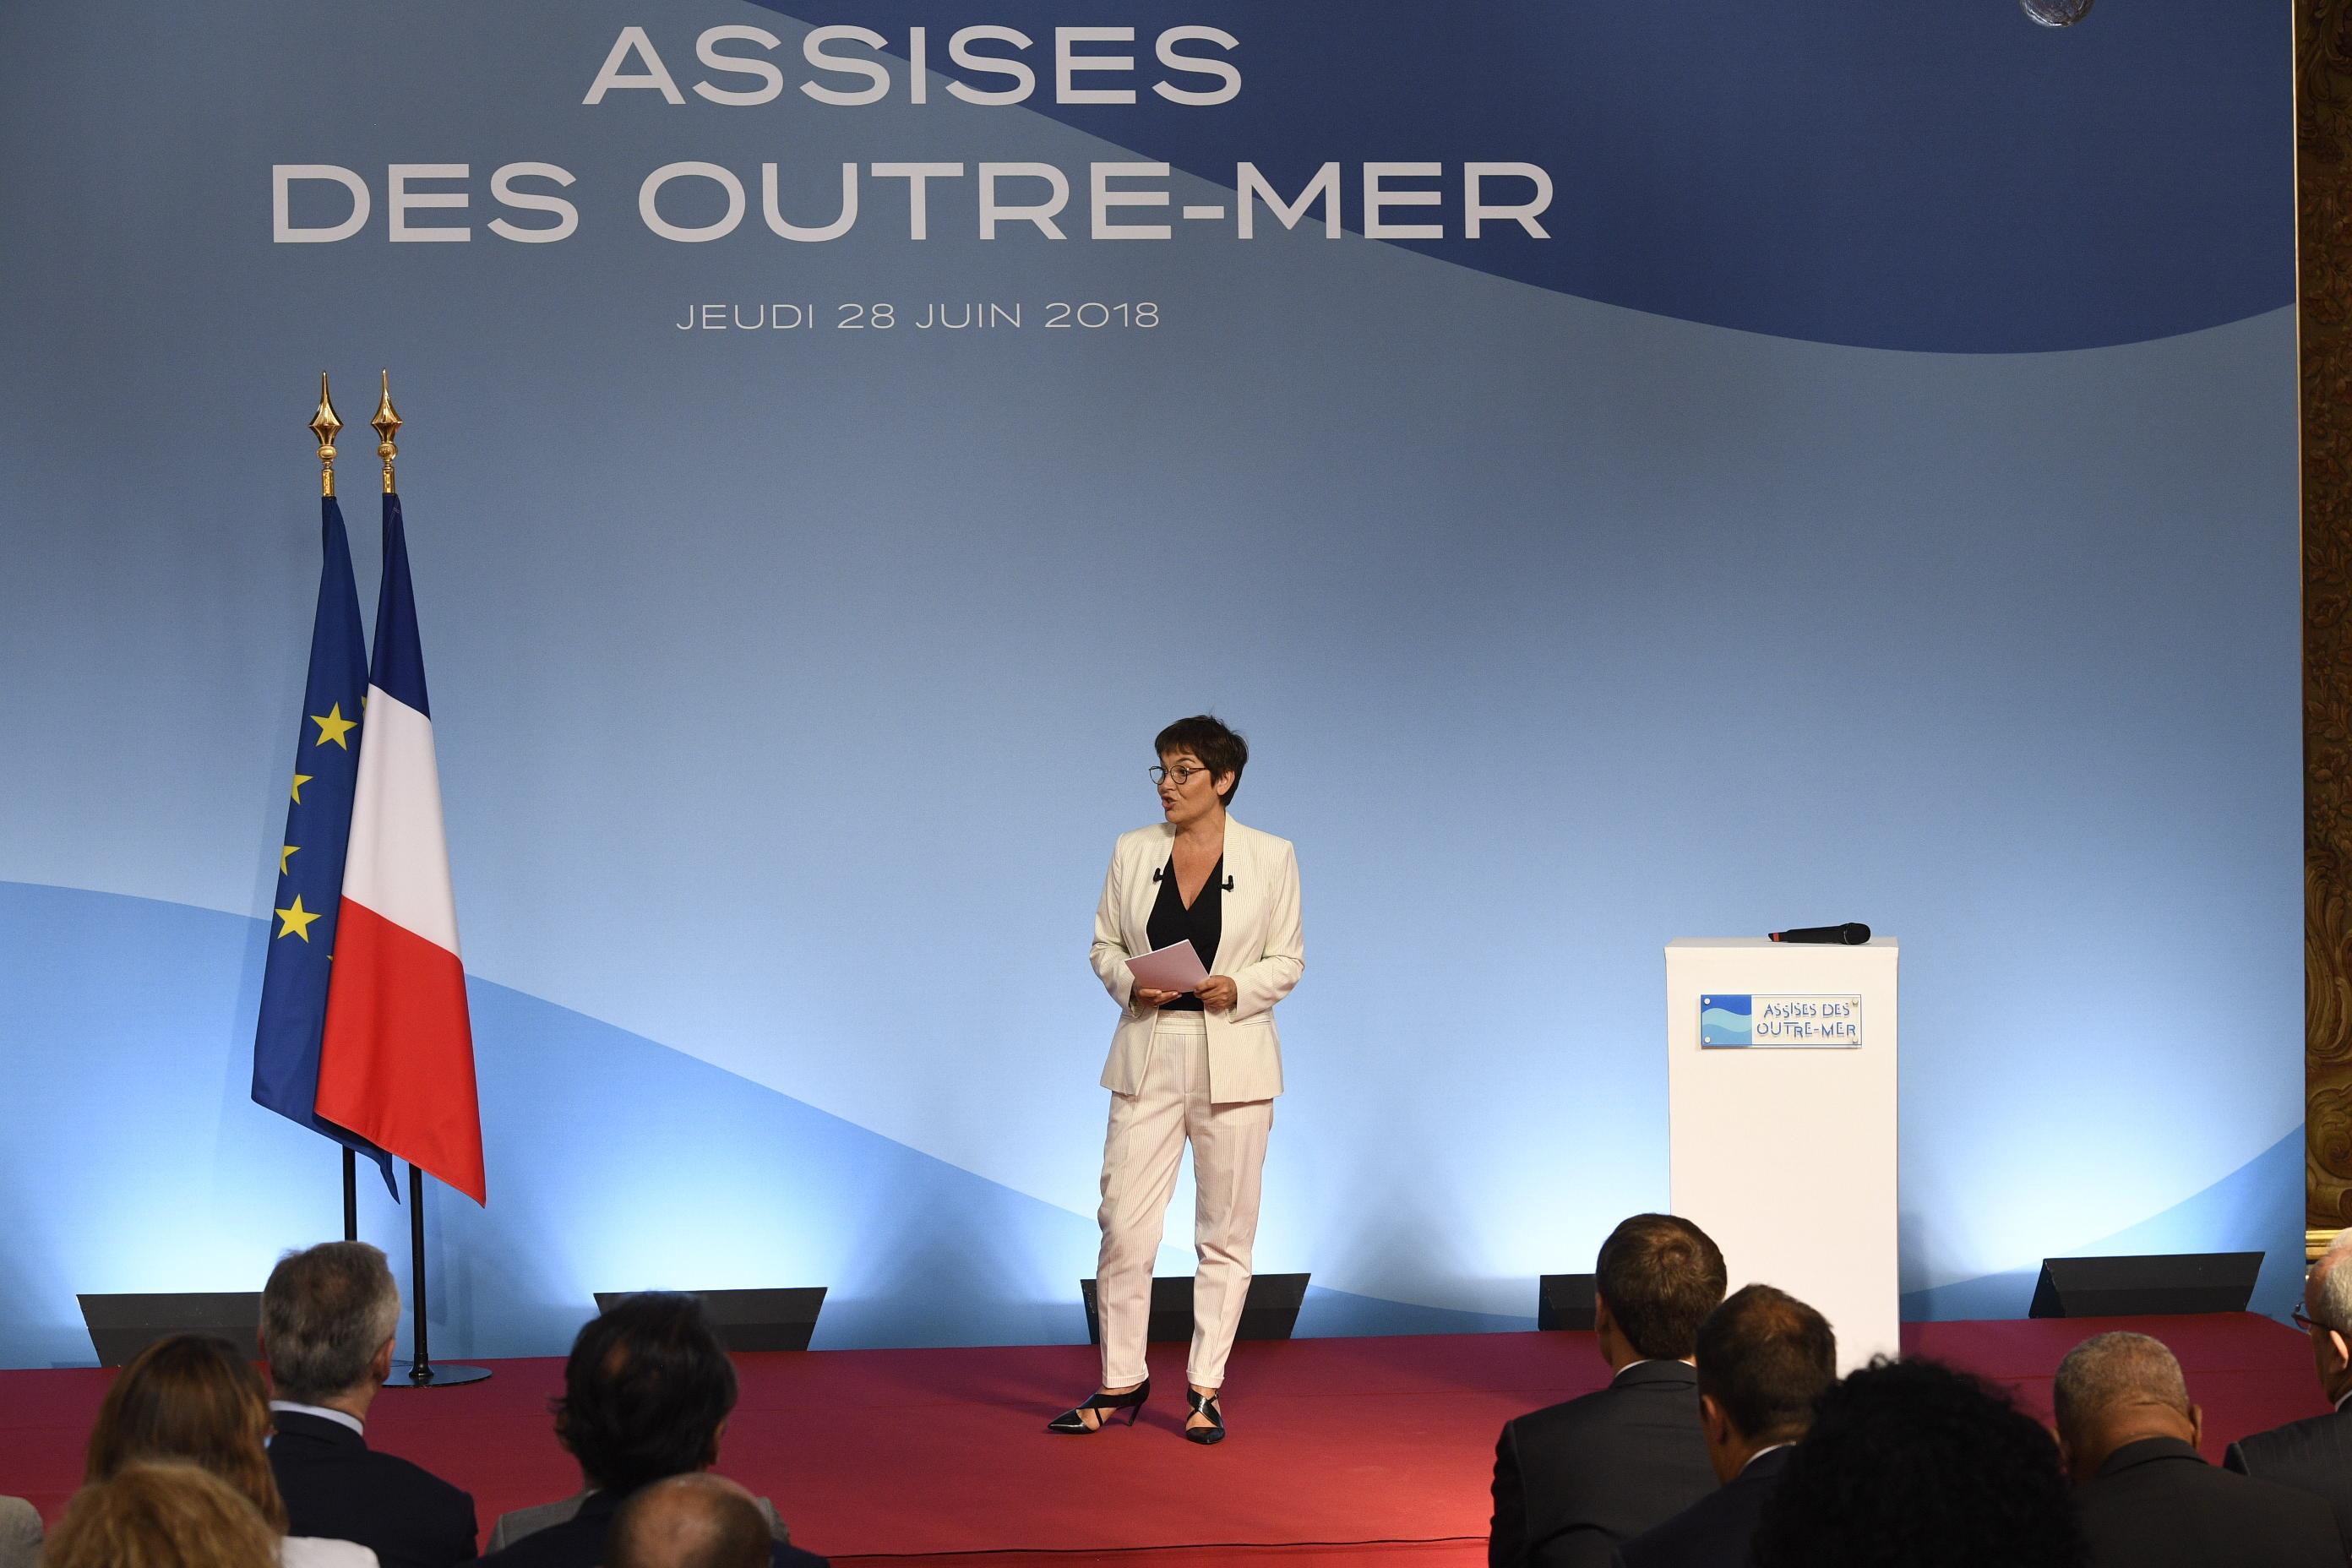 Annick Girardin le 28 juin dernier, lors de la présentation du Livre bleu Outre-mer à l'Elysée ©Capture